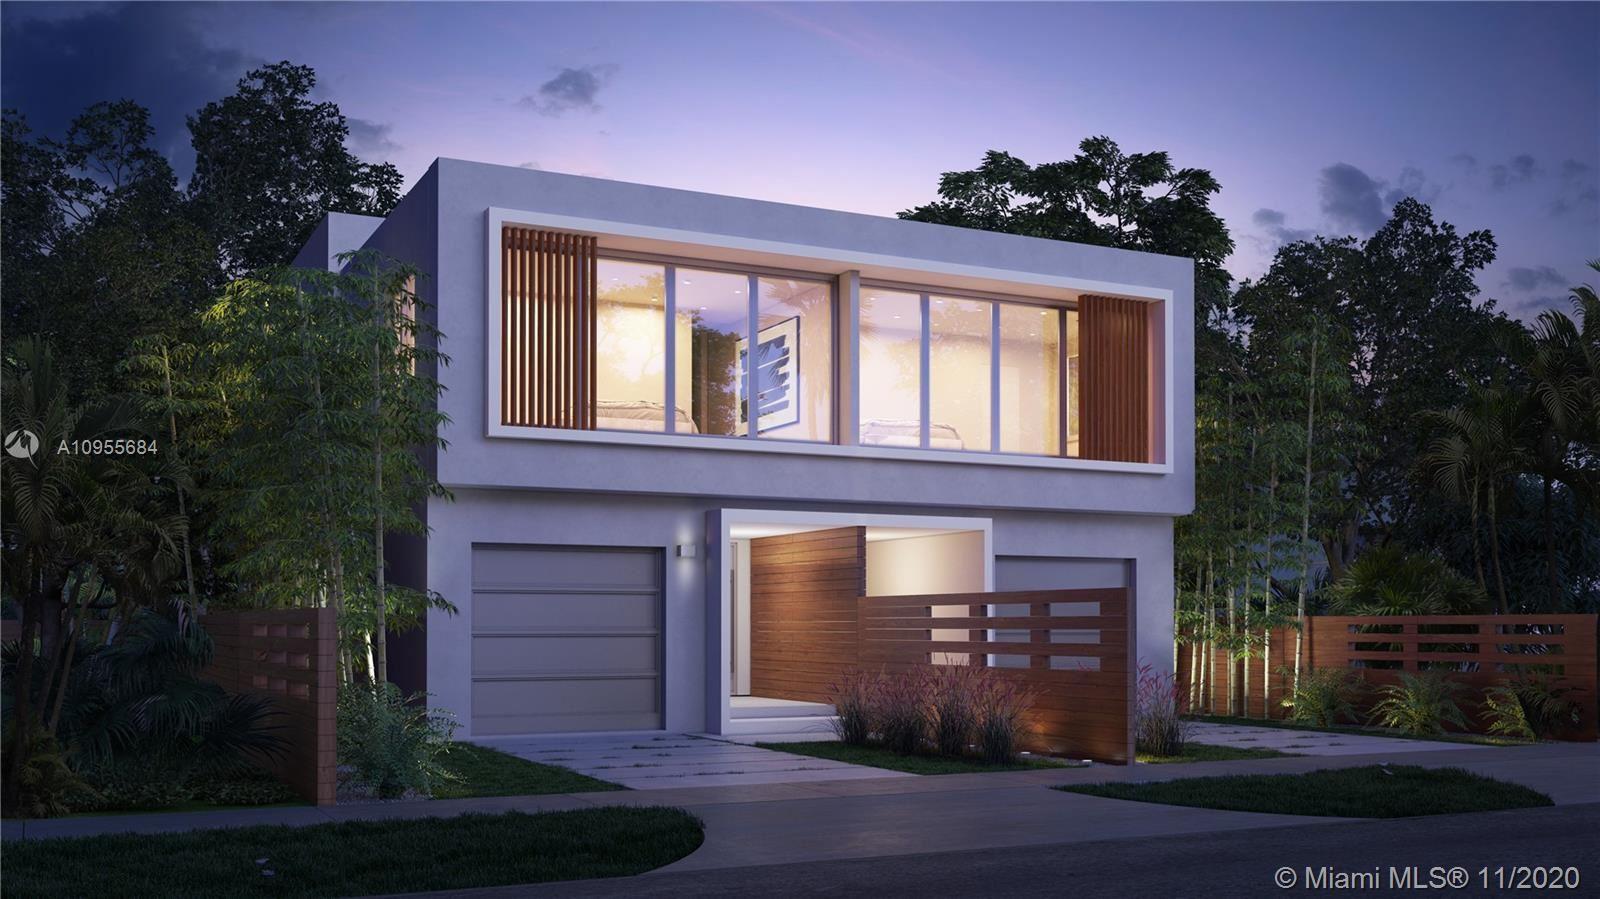 2970 Coconut Ave #2970, Miami, FL 33133 - #: A10955684